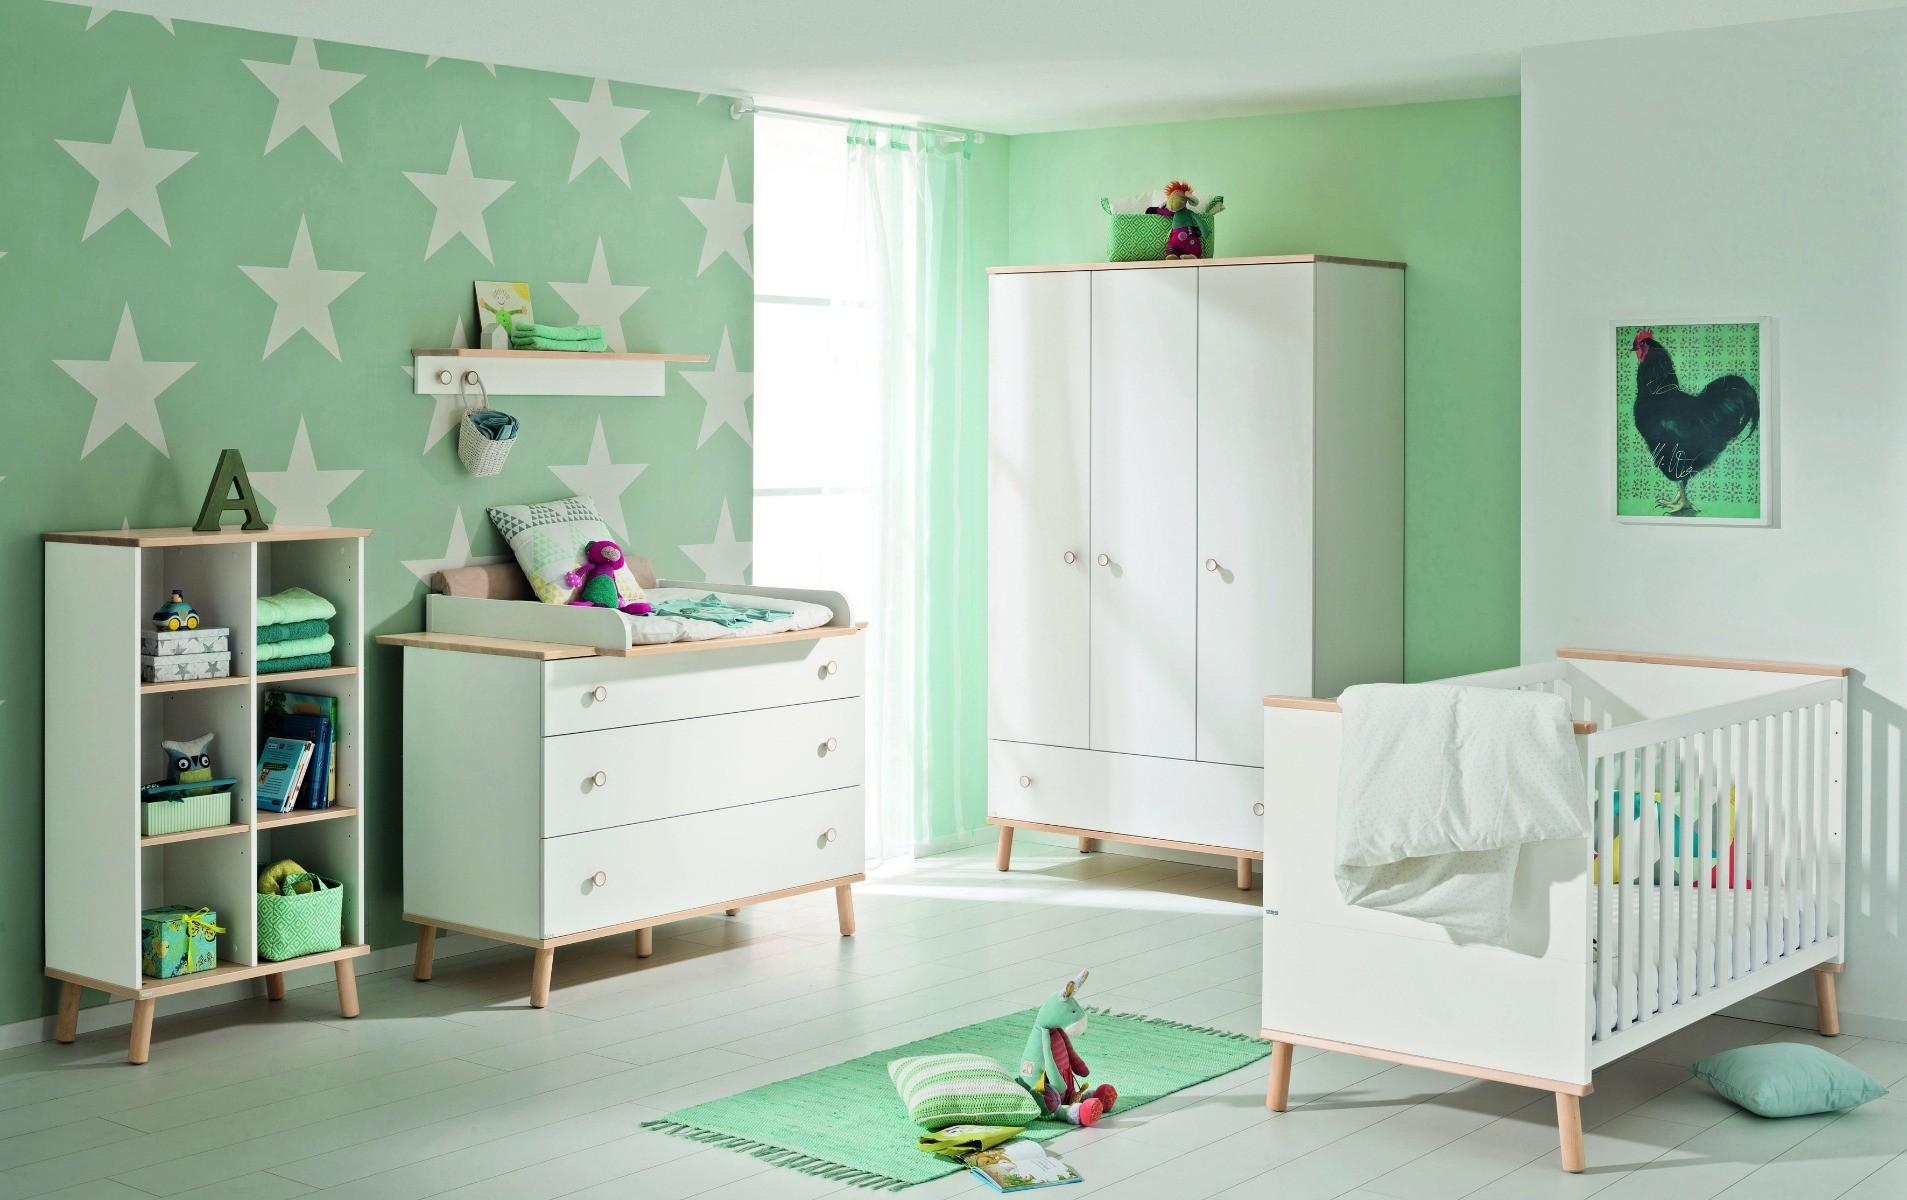 Babykamer Compleet Te Koop.Paidi Complete 3 Delige Babykamer Ylvie Online Kopen Babyplanet